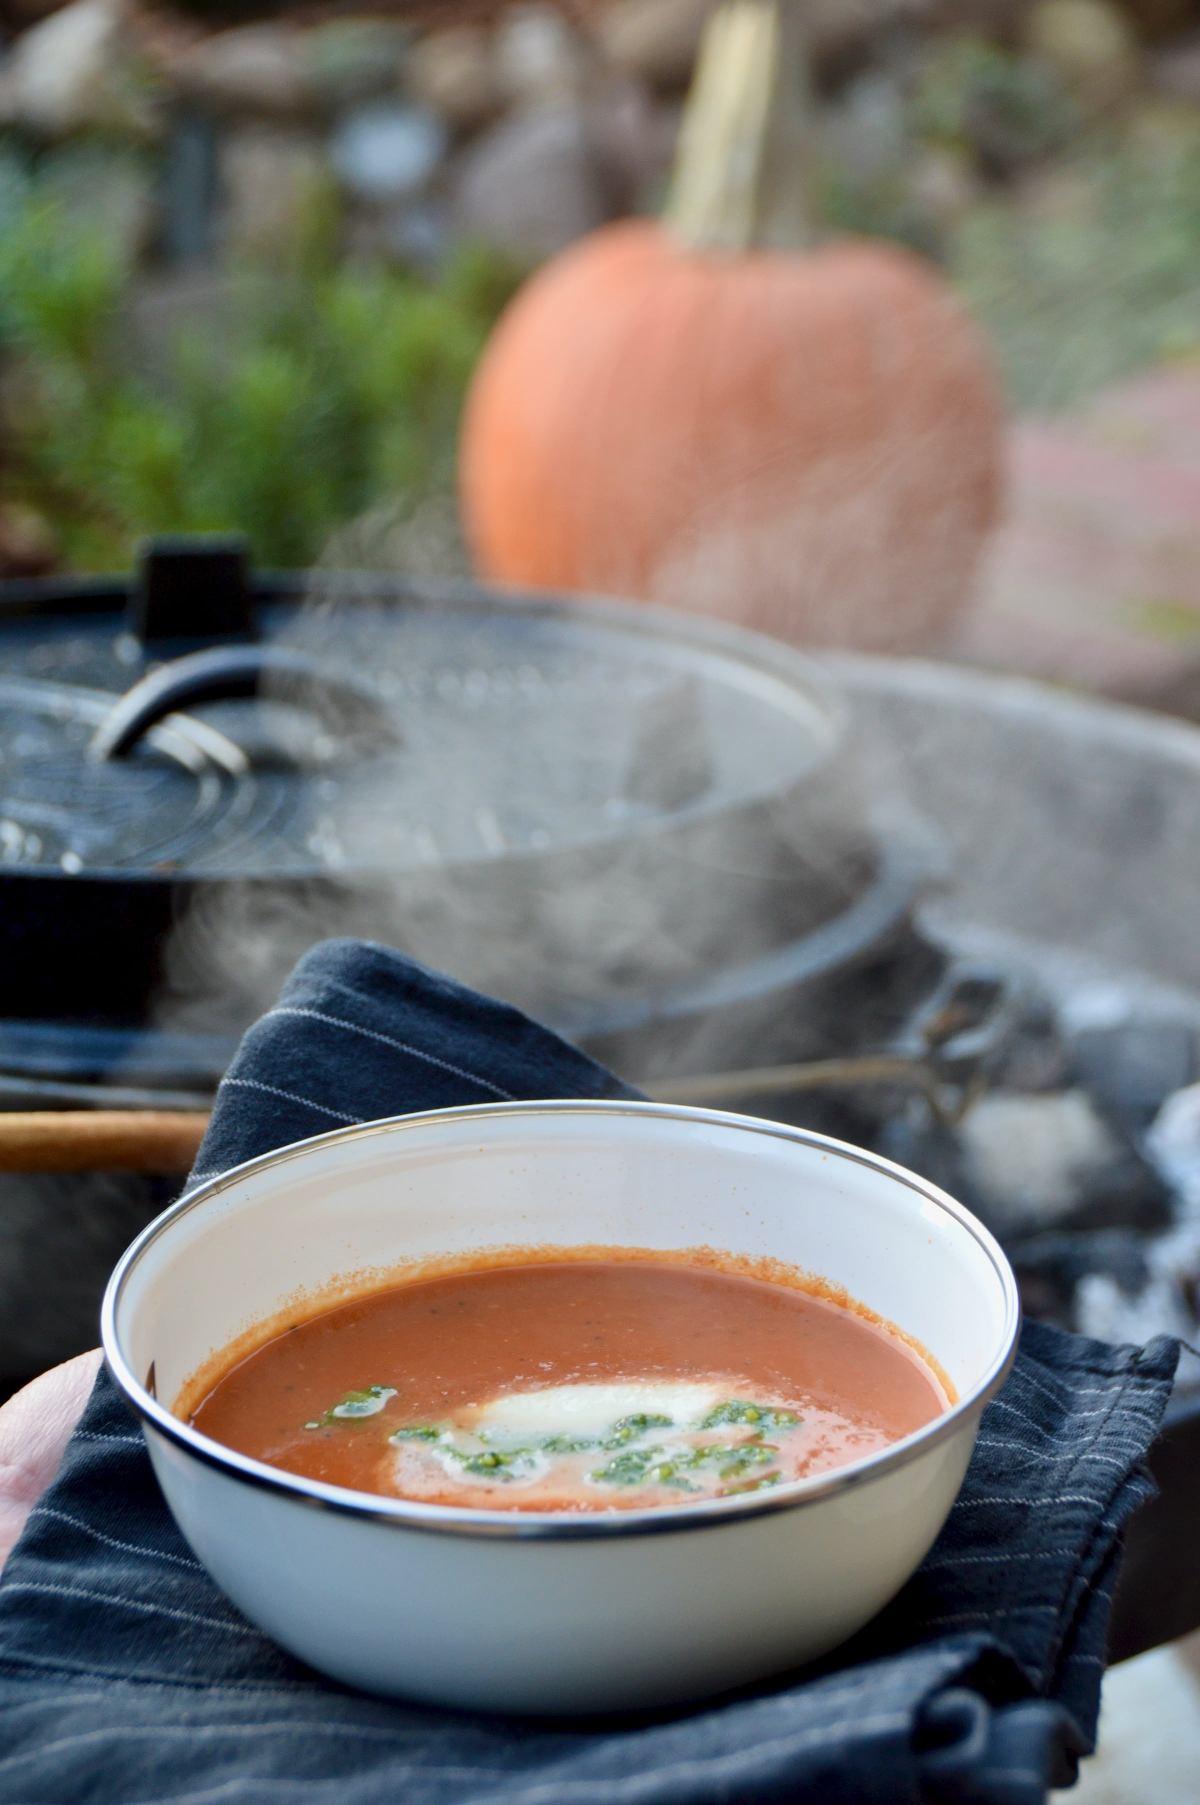 Tomatensuppe auf Holzkohle zubereitet im Freien genießen